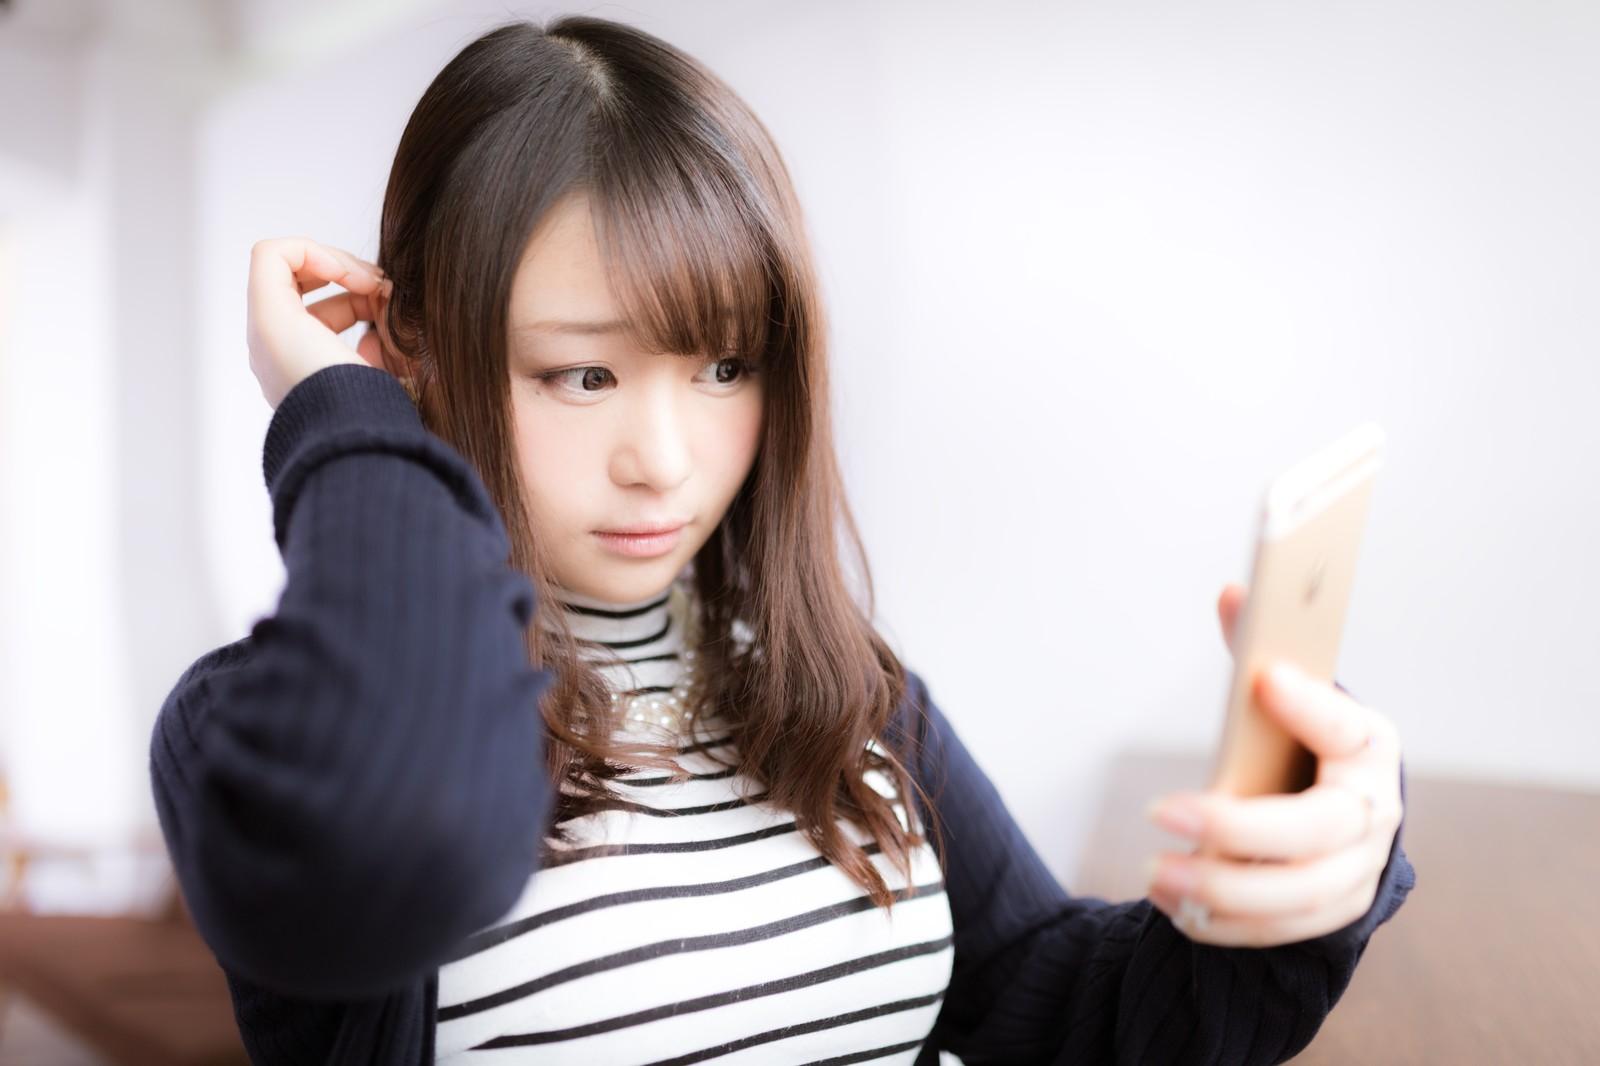 篠原涼子 髪型 可愛い 月9 画像